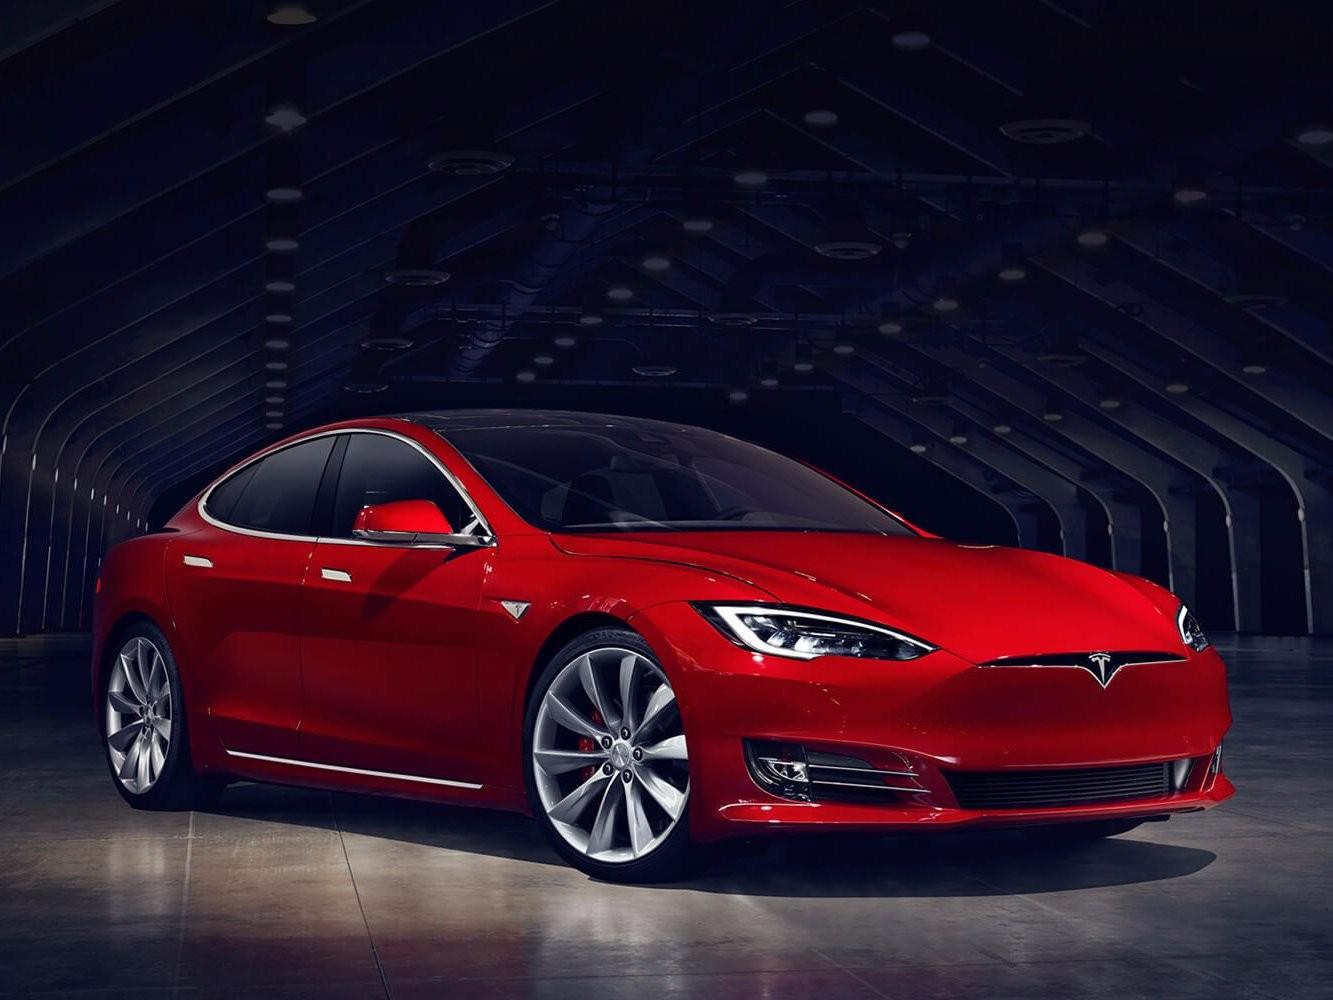 Así es el rediseño del Tesla Model S 2017: Acercándolo al Model 3 y Model X 1